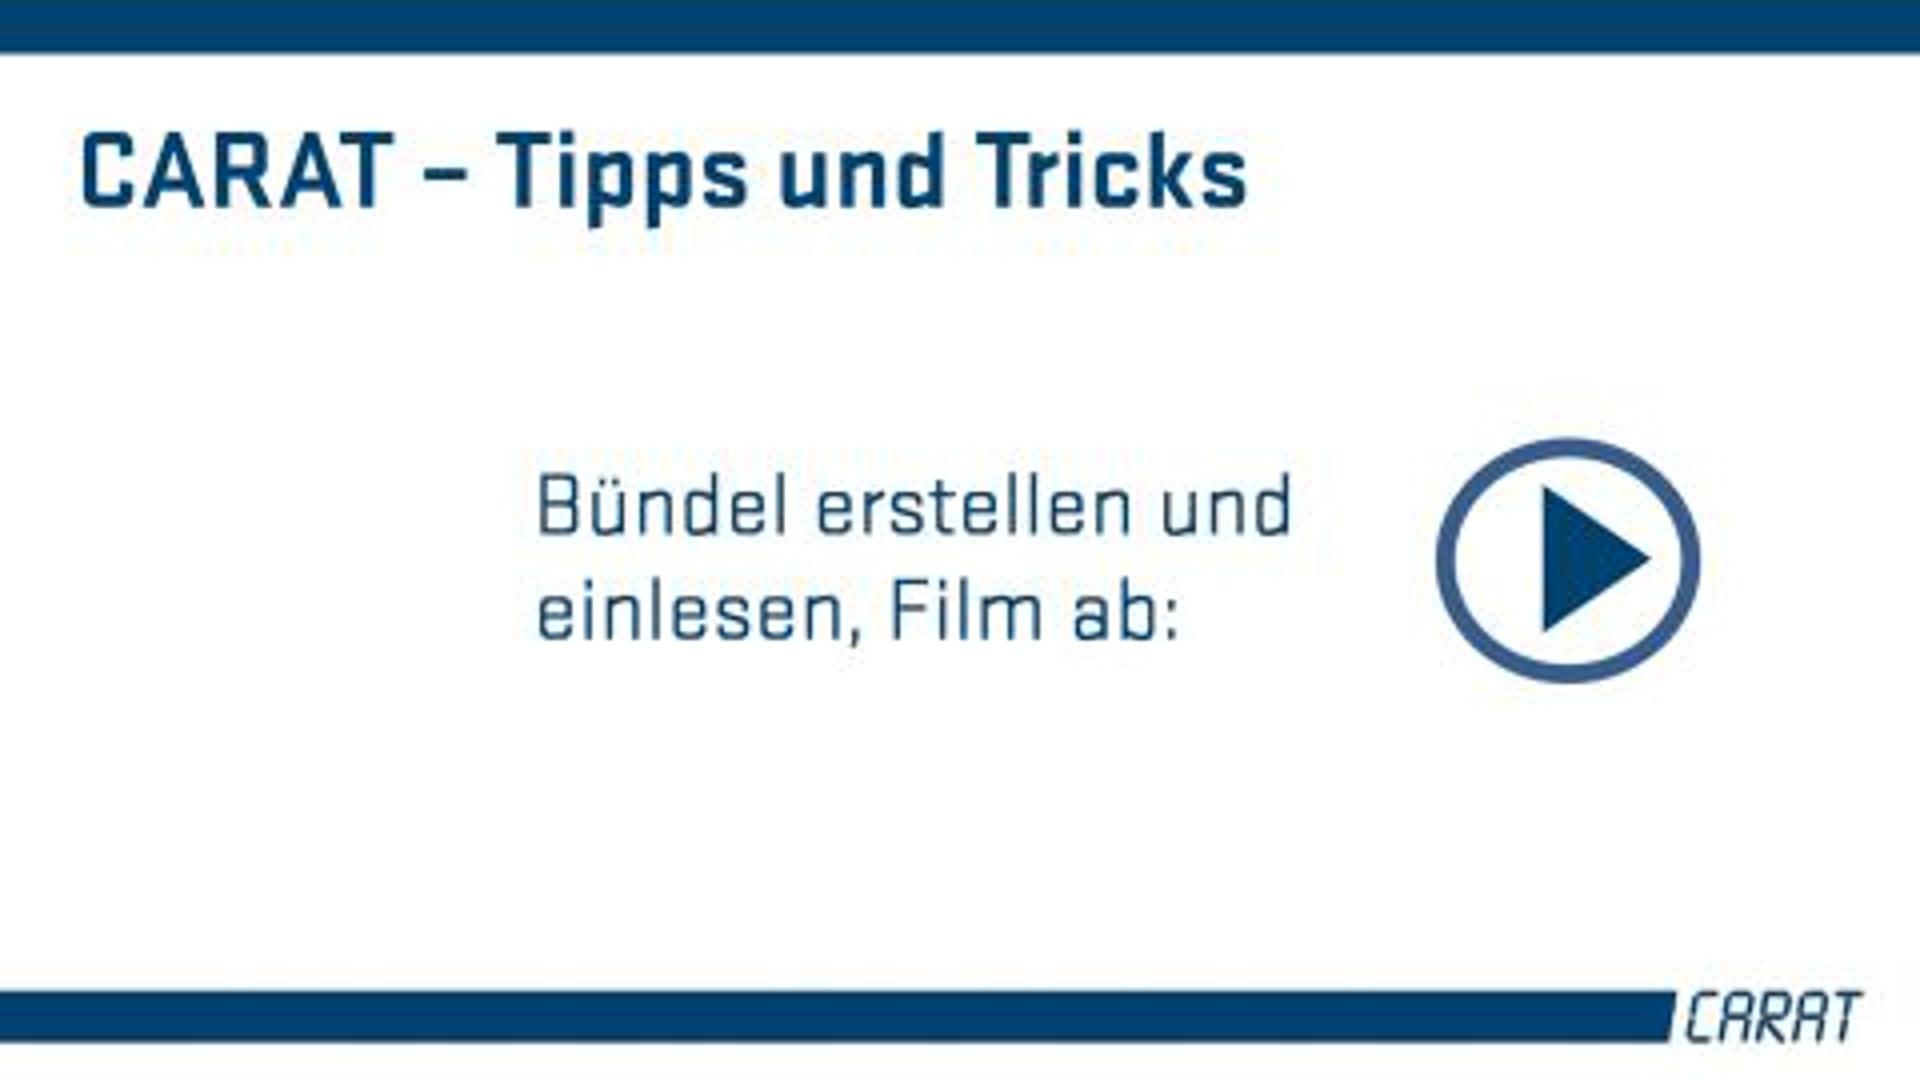 Tipps und Tricks - Bündel erstellen und einlesen